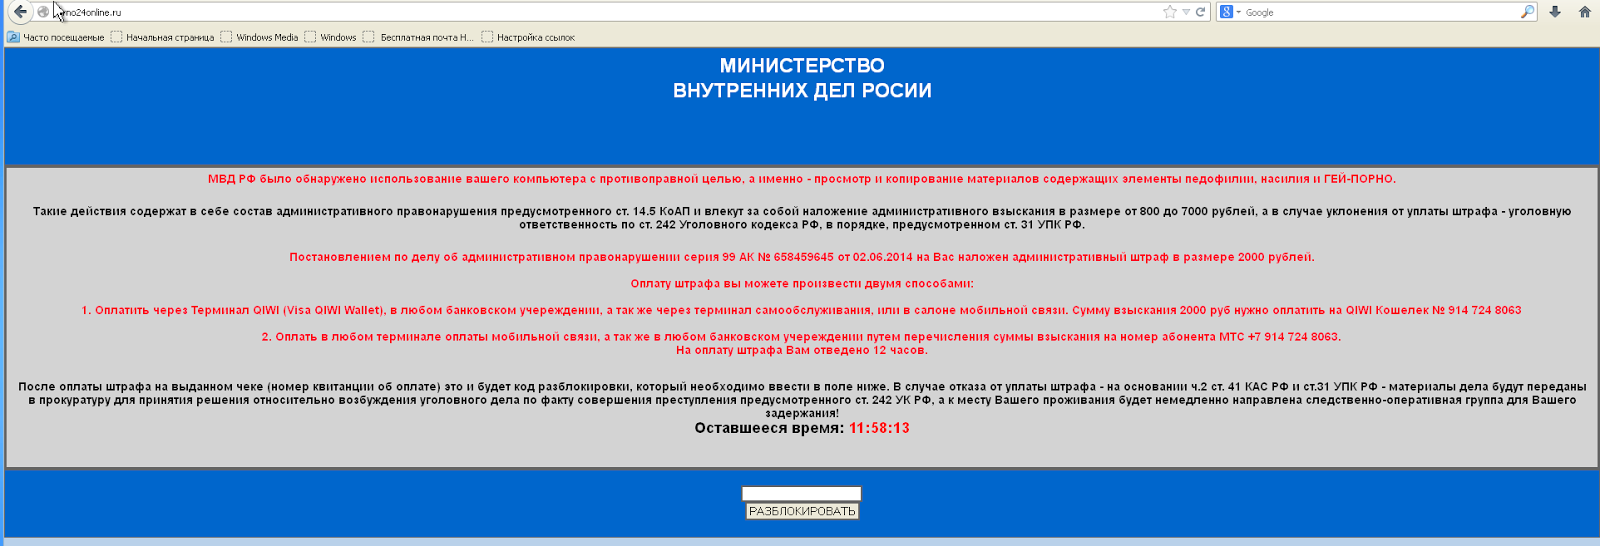 Постановление министерством внутренних дел российской федерации про порно сайты